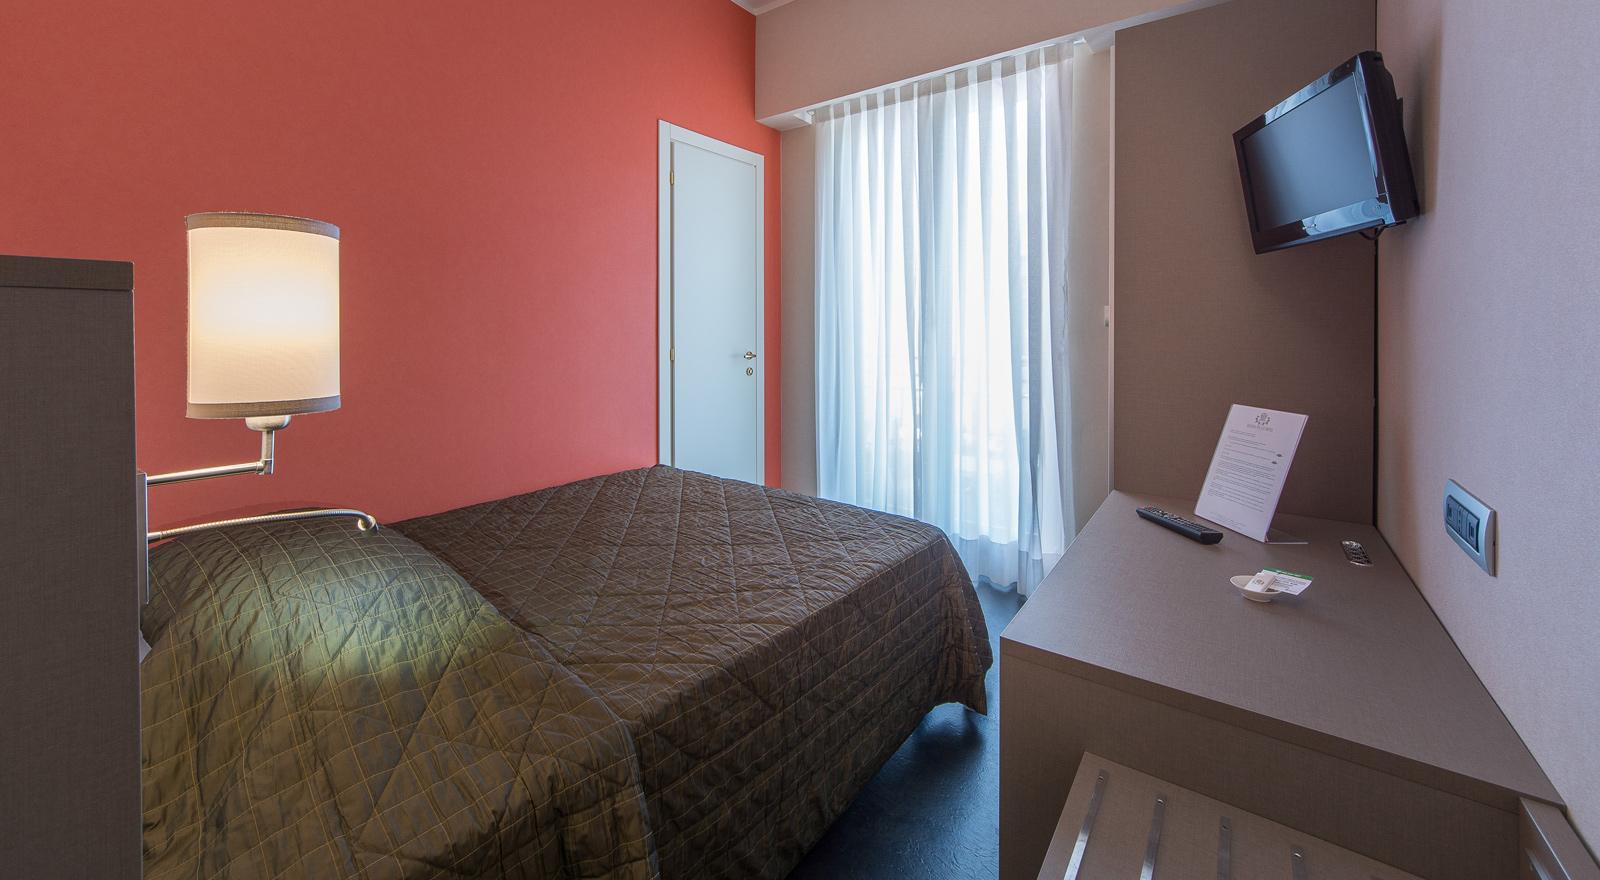 Camere singole in albergo sul mare costiera amalfitana for Soggiorno costiera amalfitana